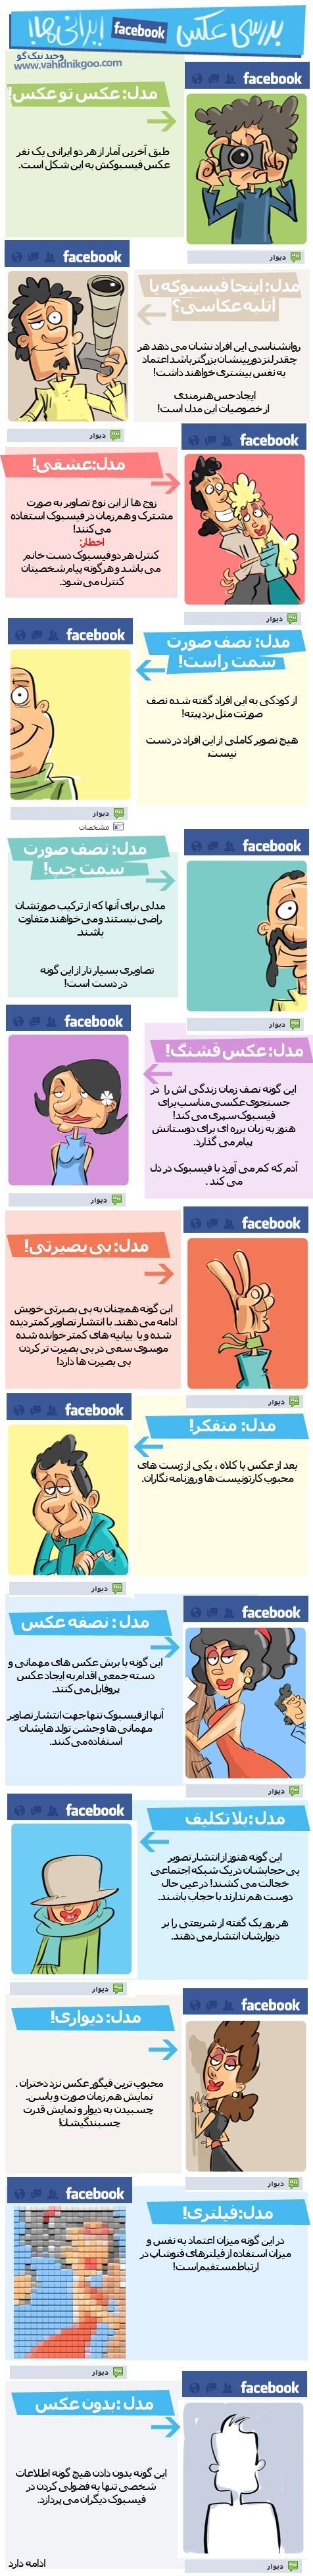 عکس فیس بوکی